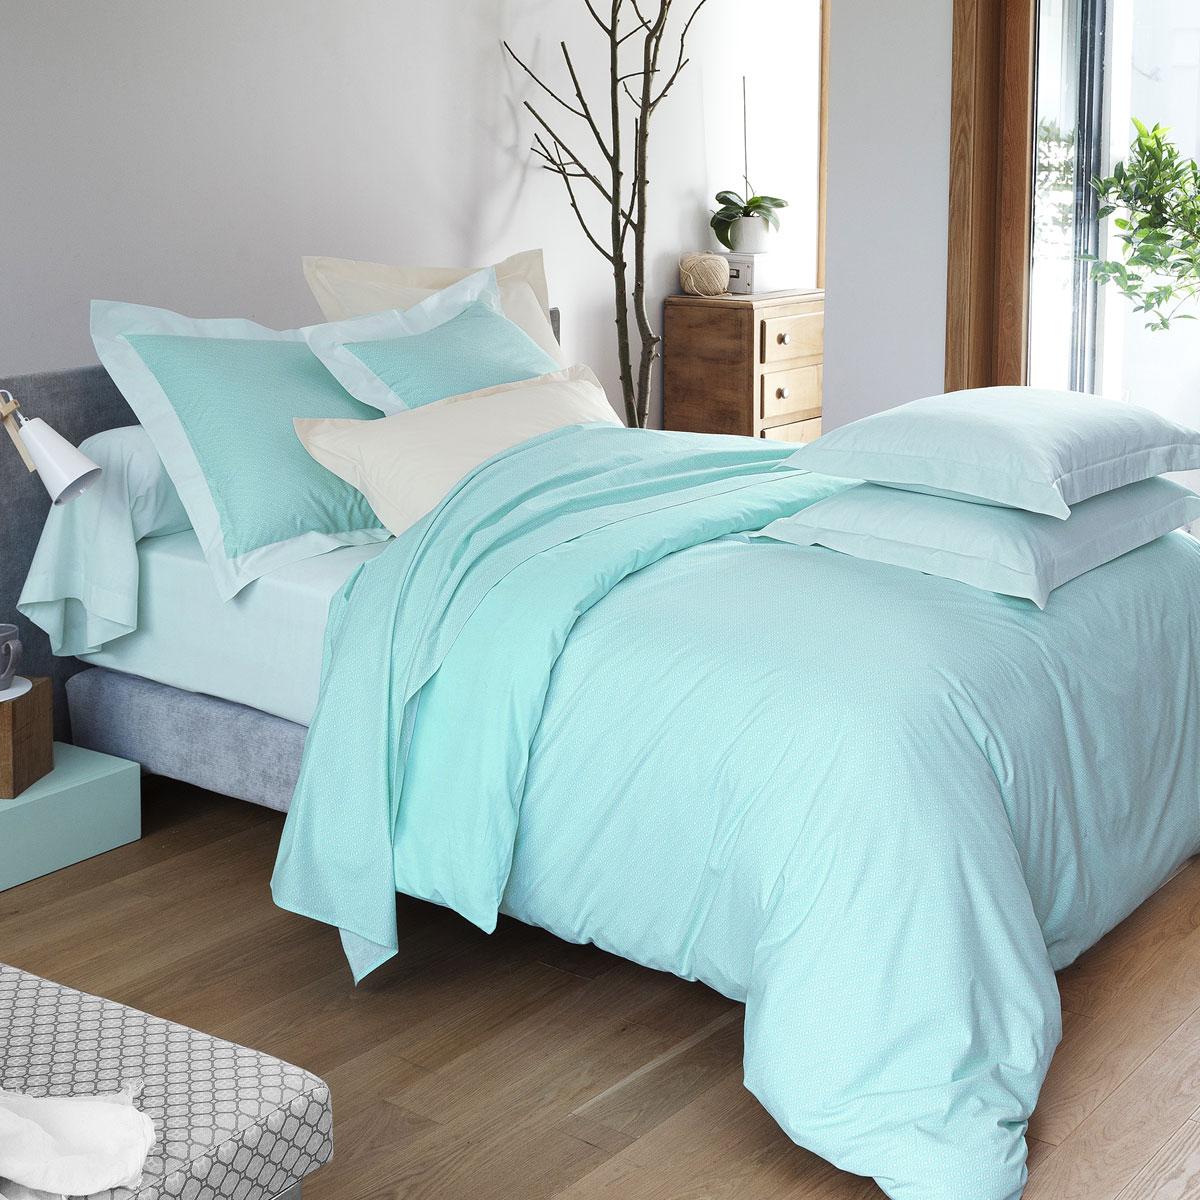 Housse de couette dream blue linge de lit de qualit - Housse de couette tradition des vosges ...